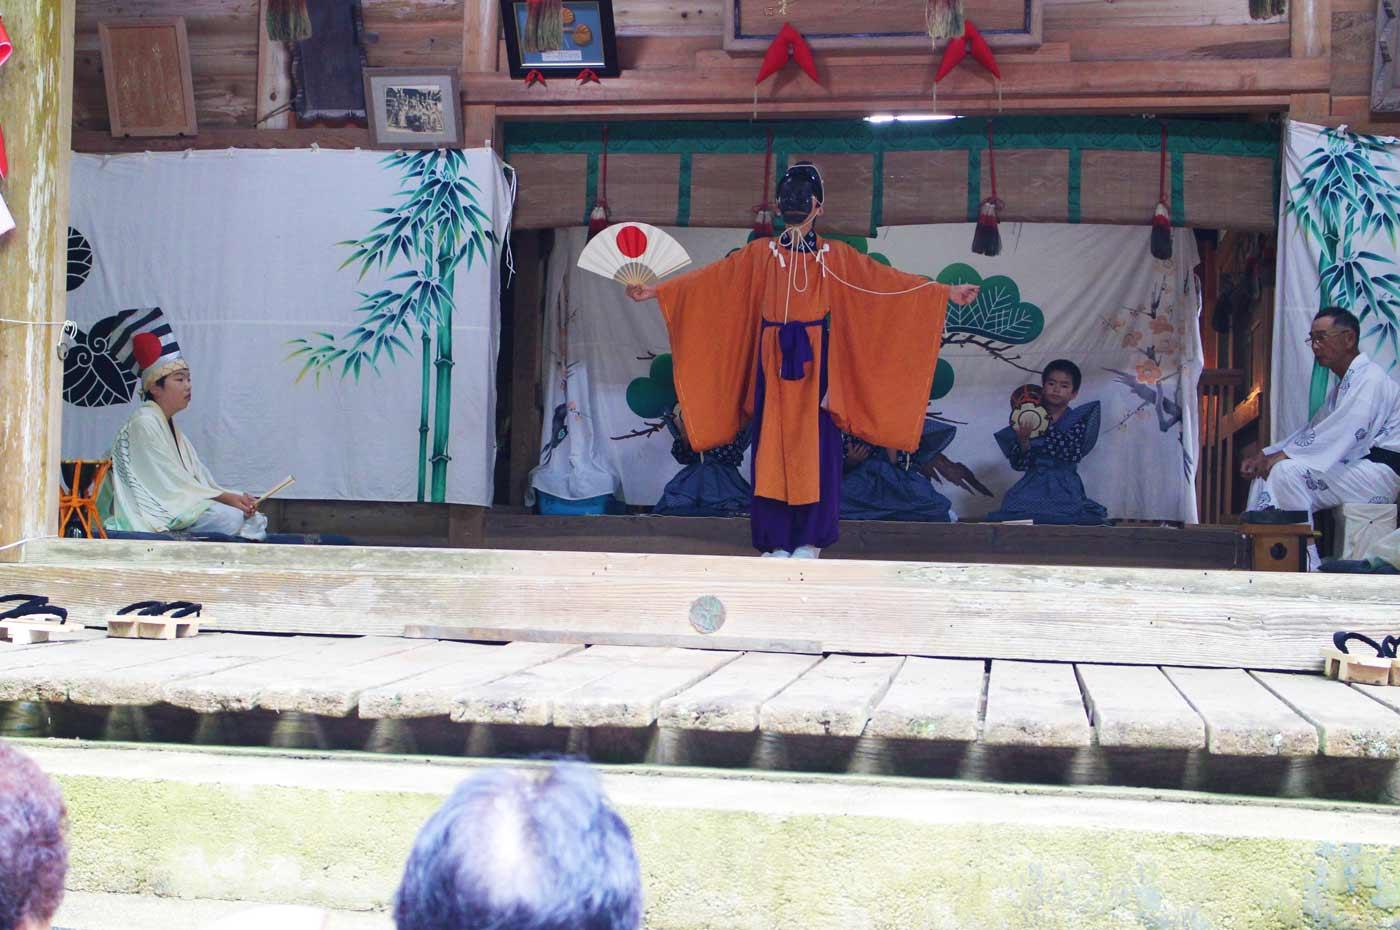 賀茂神社の三番叟 千歳の舞い